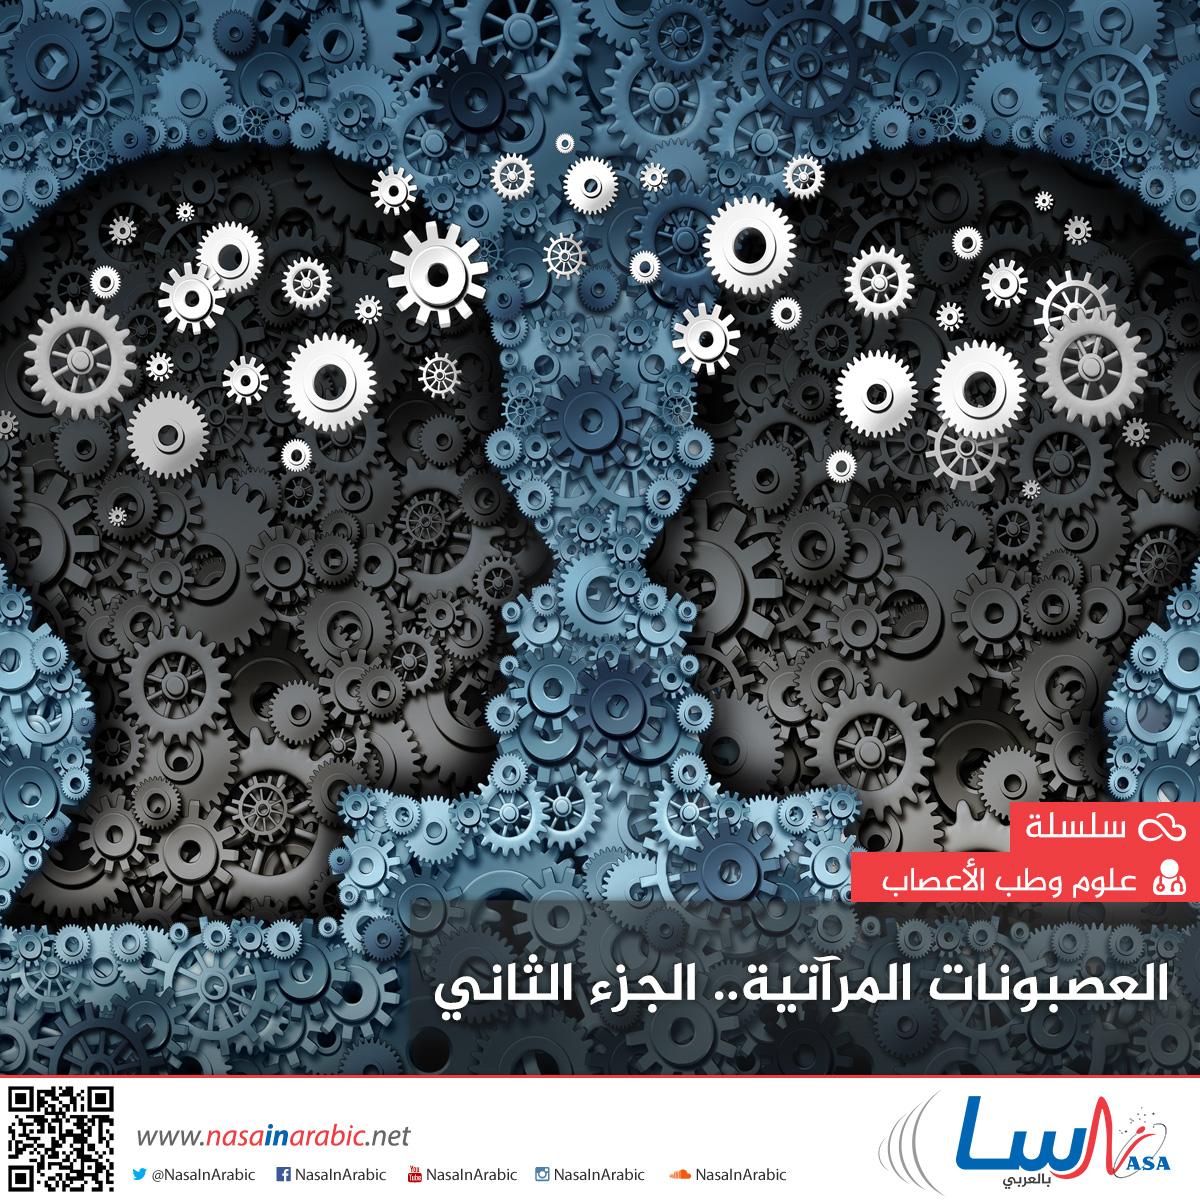 العصبونات المرآتية: تفسير فهم النوايا والتعاطف وتطور اللغة (الجزء الثاني)